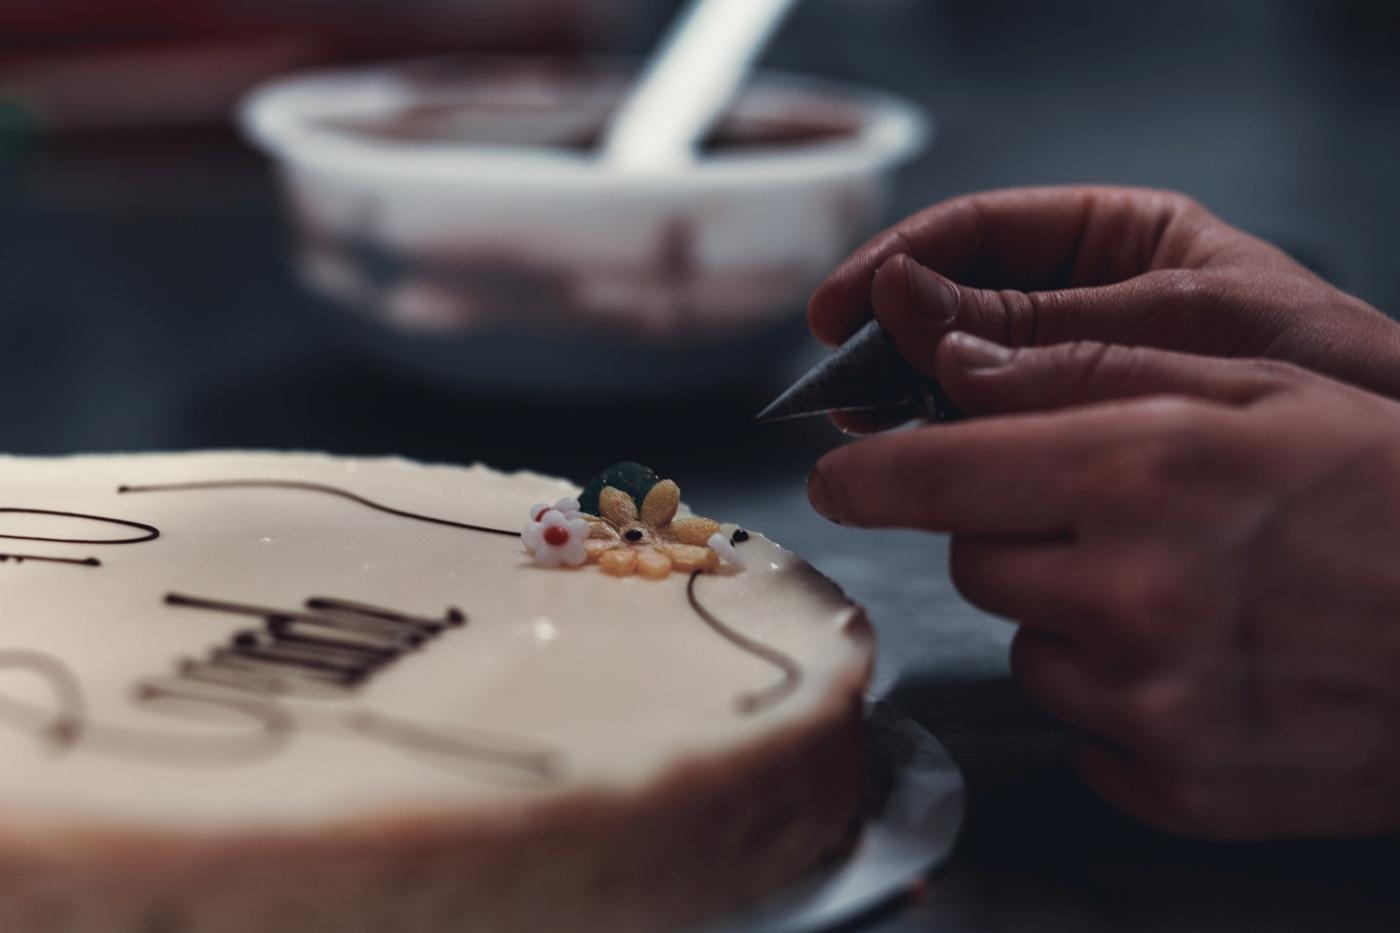 Eine Businessreportage für das Cafe Ruffini in München von dem Fotografen Daniel Schubert aka Steins Pictures. Die Fotos wurden in der hauseigenen Backstube gemacht und zeigen Konditoren bei ihren Handwerk, speziell bei der Gestaltung der stadtweit bekannten Ruffini Torten und Kuchen.